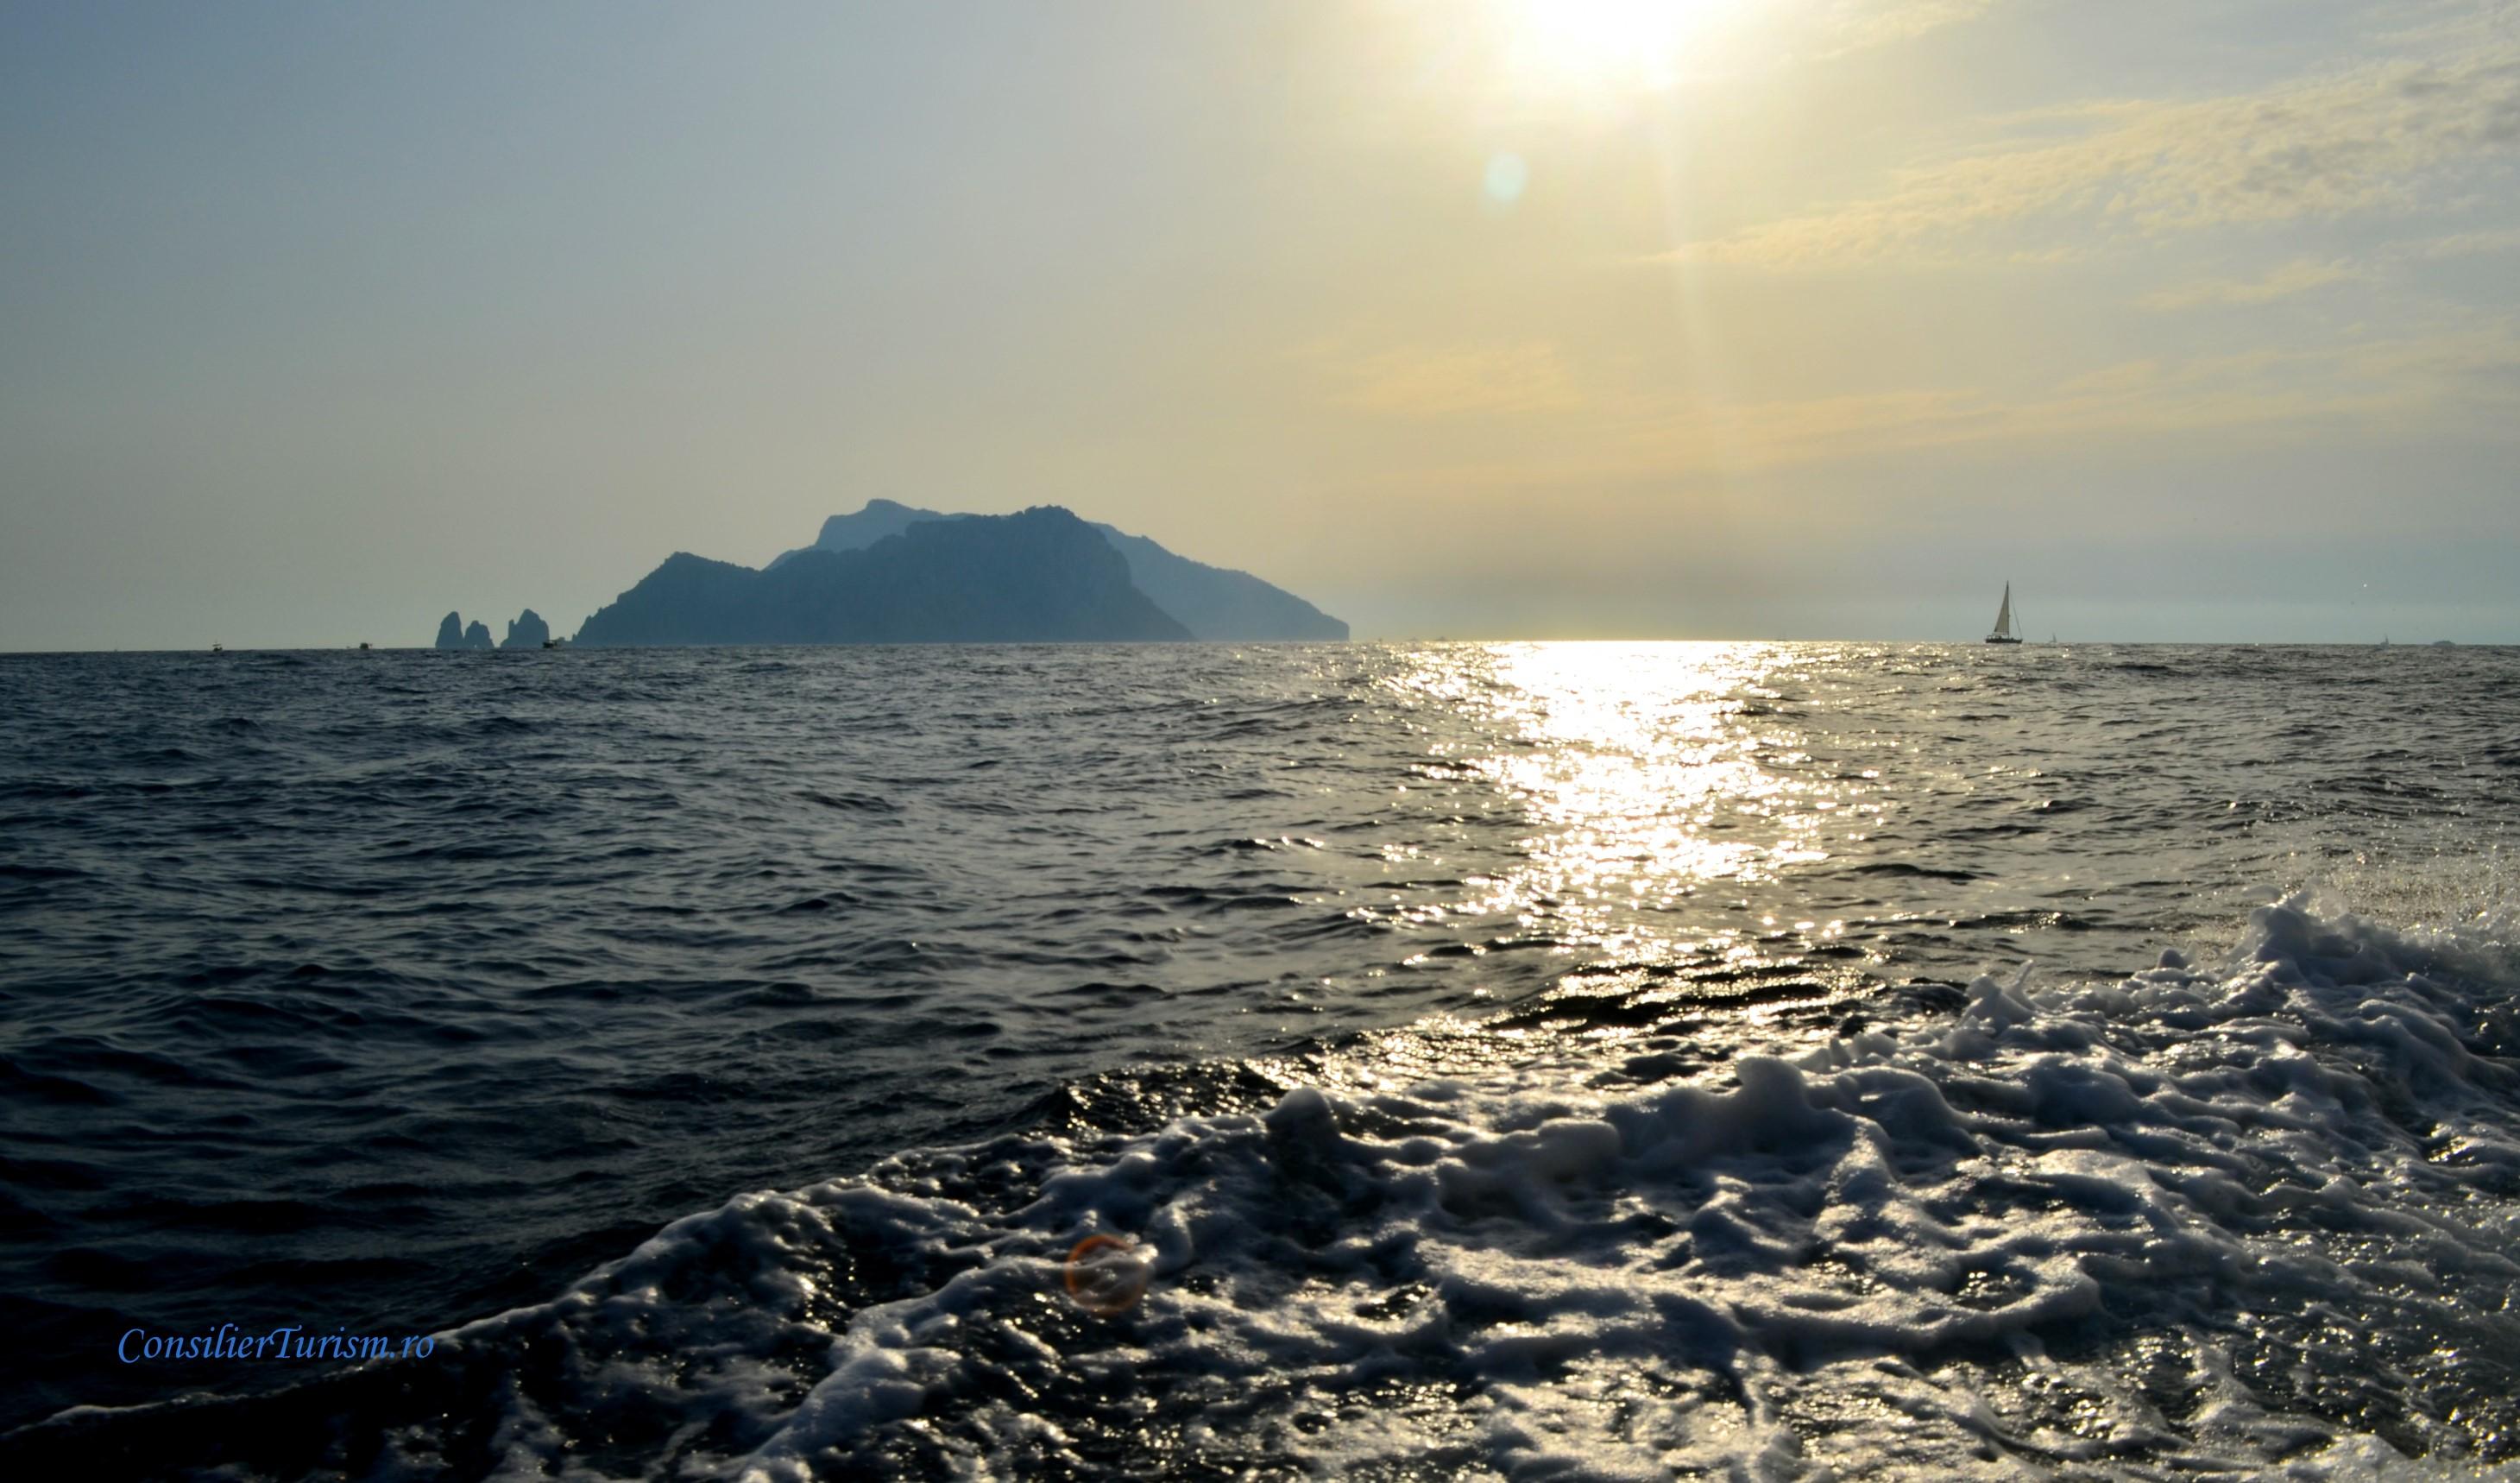 capri from amalfi